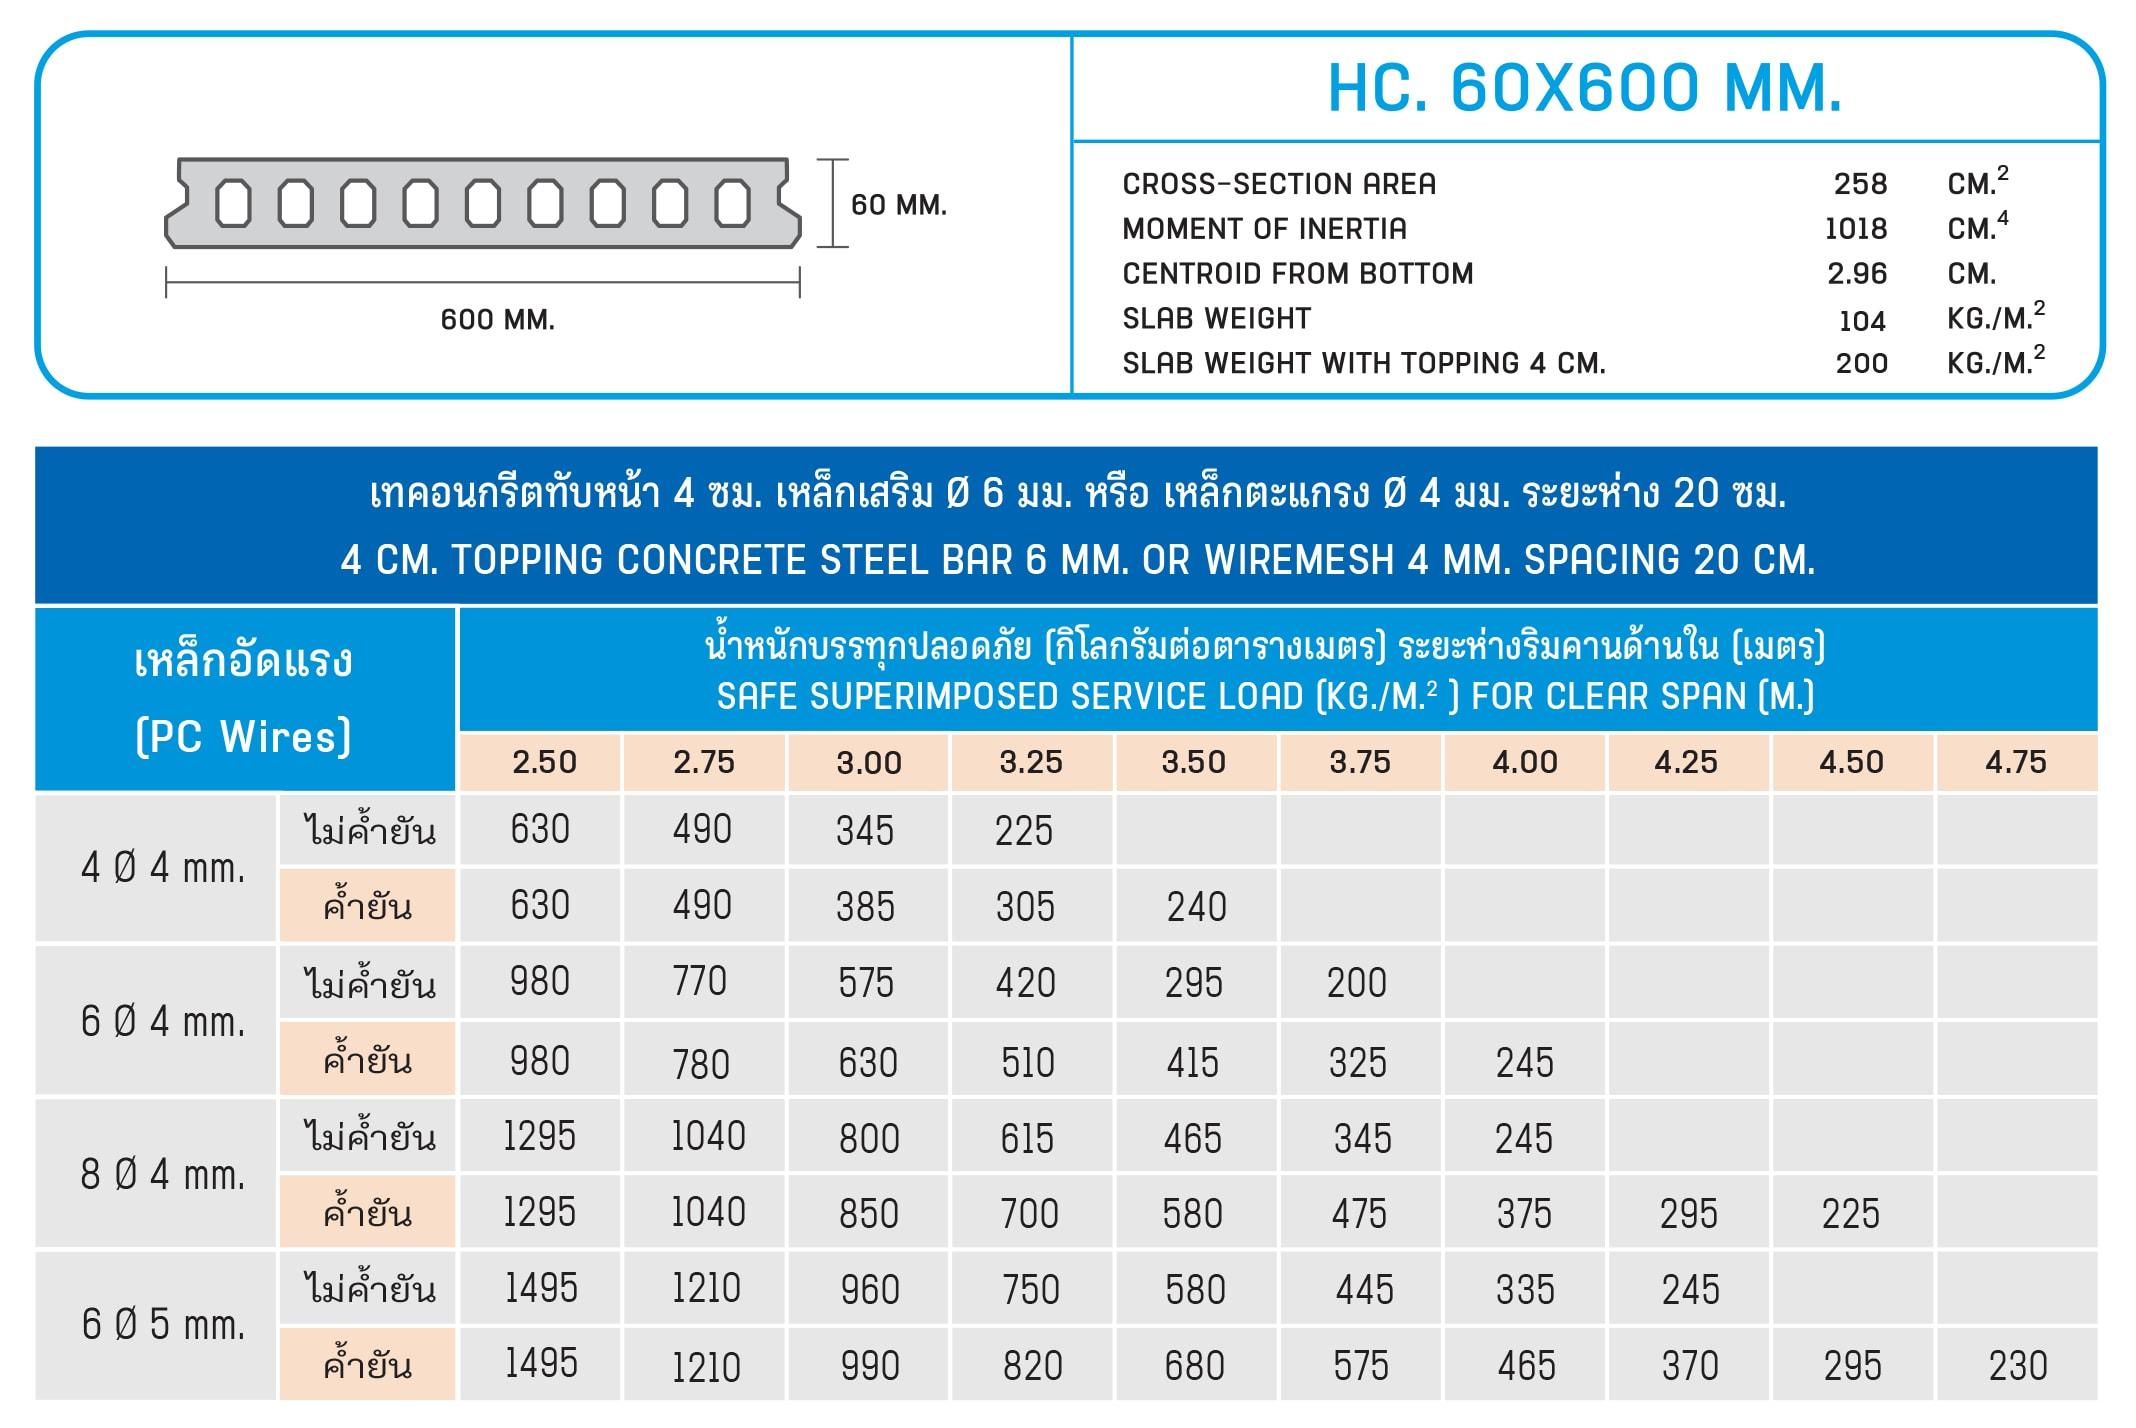 HC. 60x600 MM